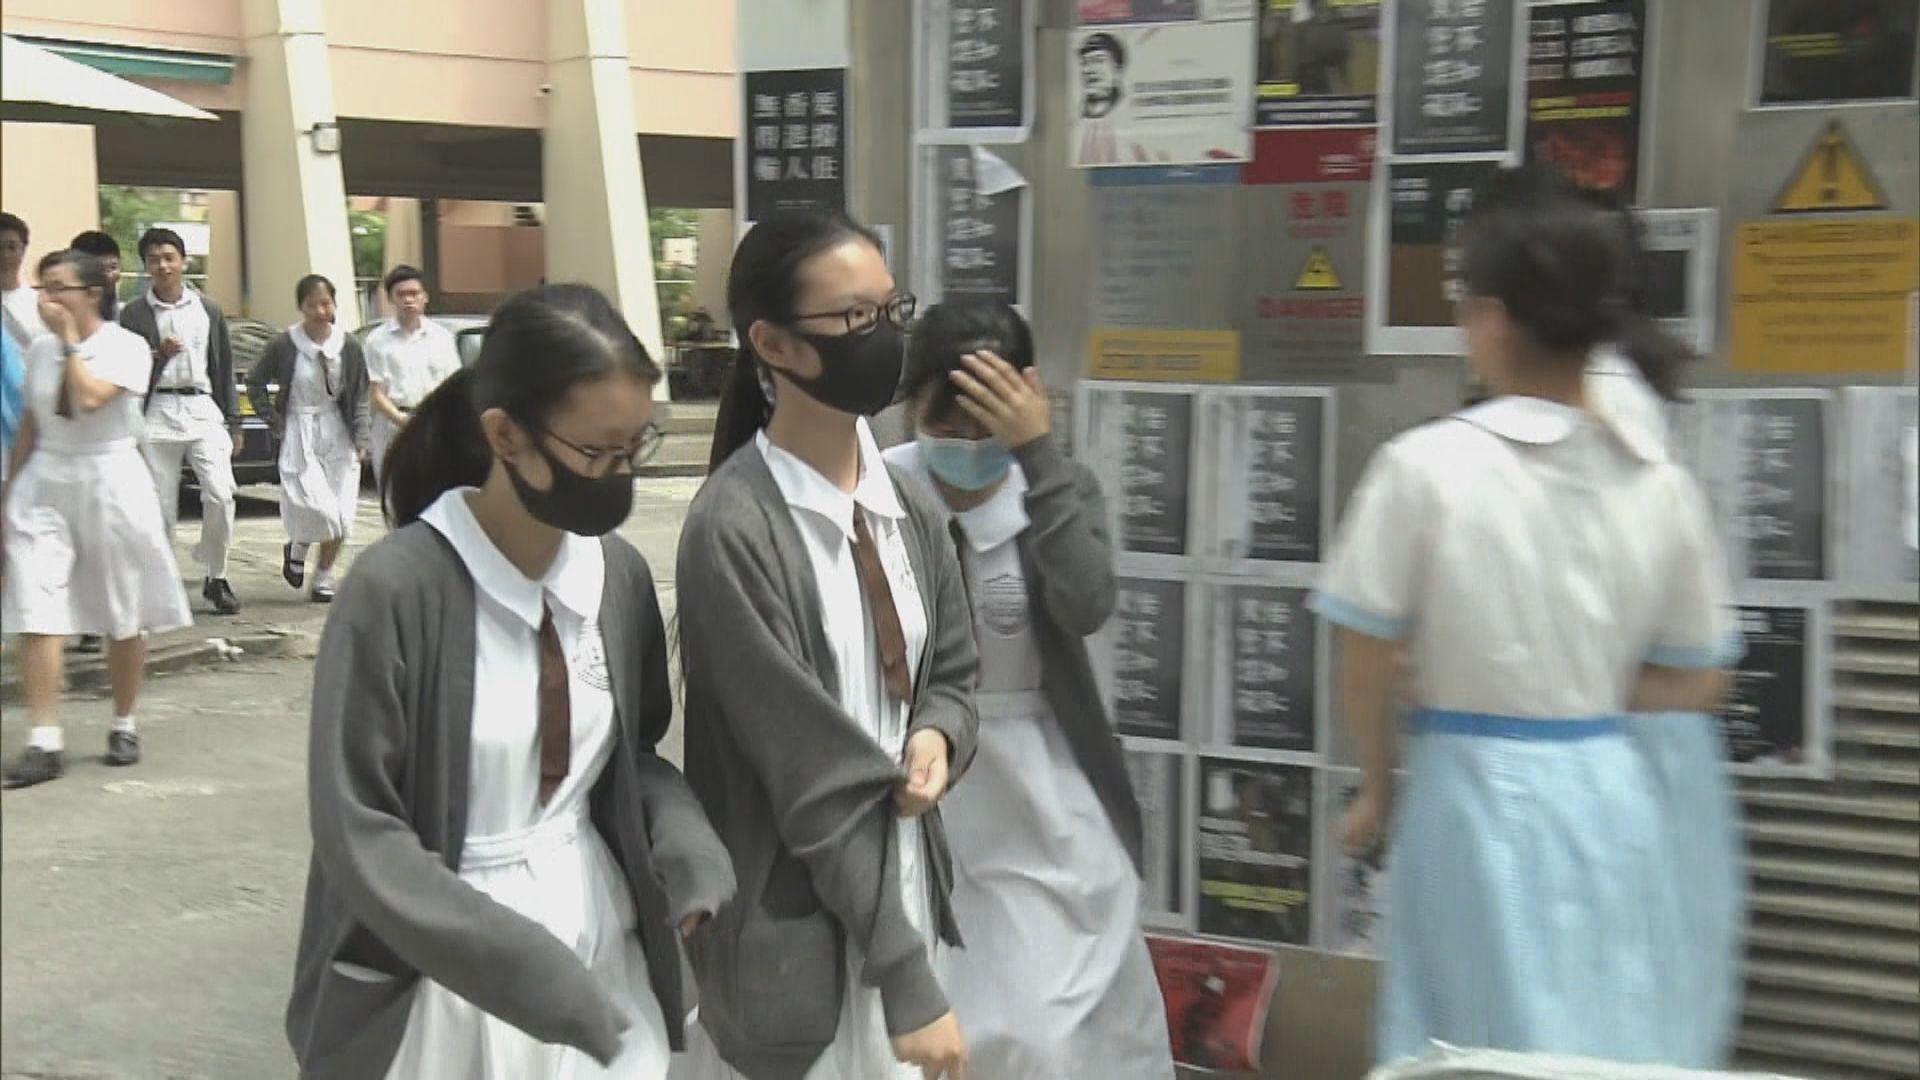 禁蒙面法生效後部分學生戴口罩上學